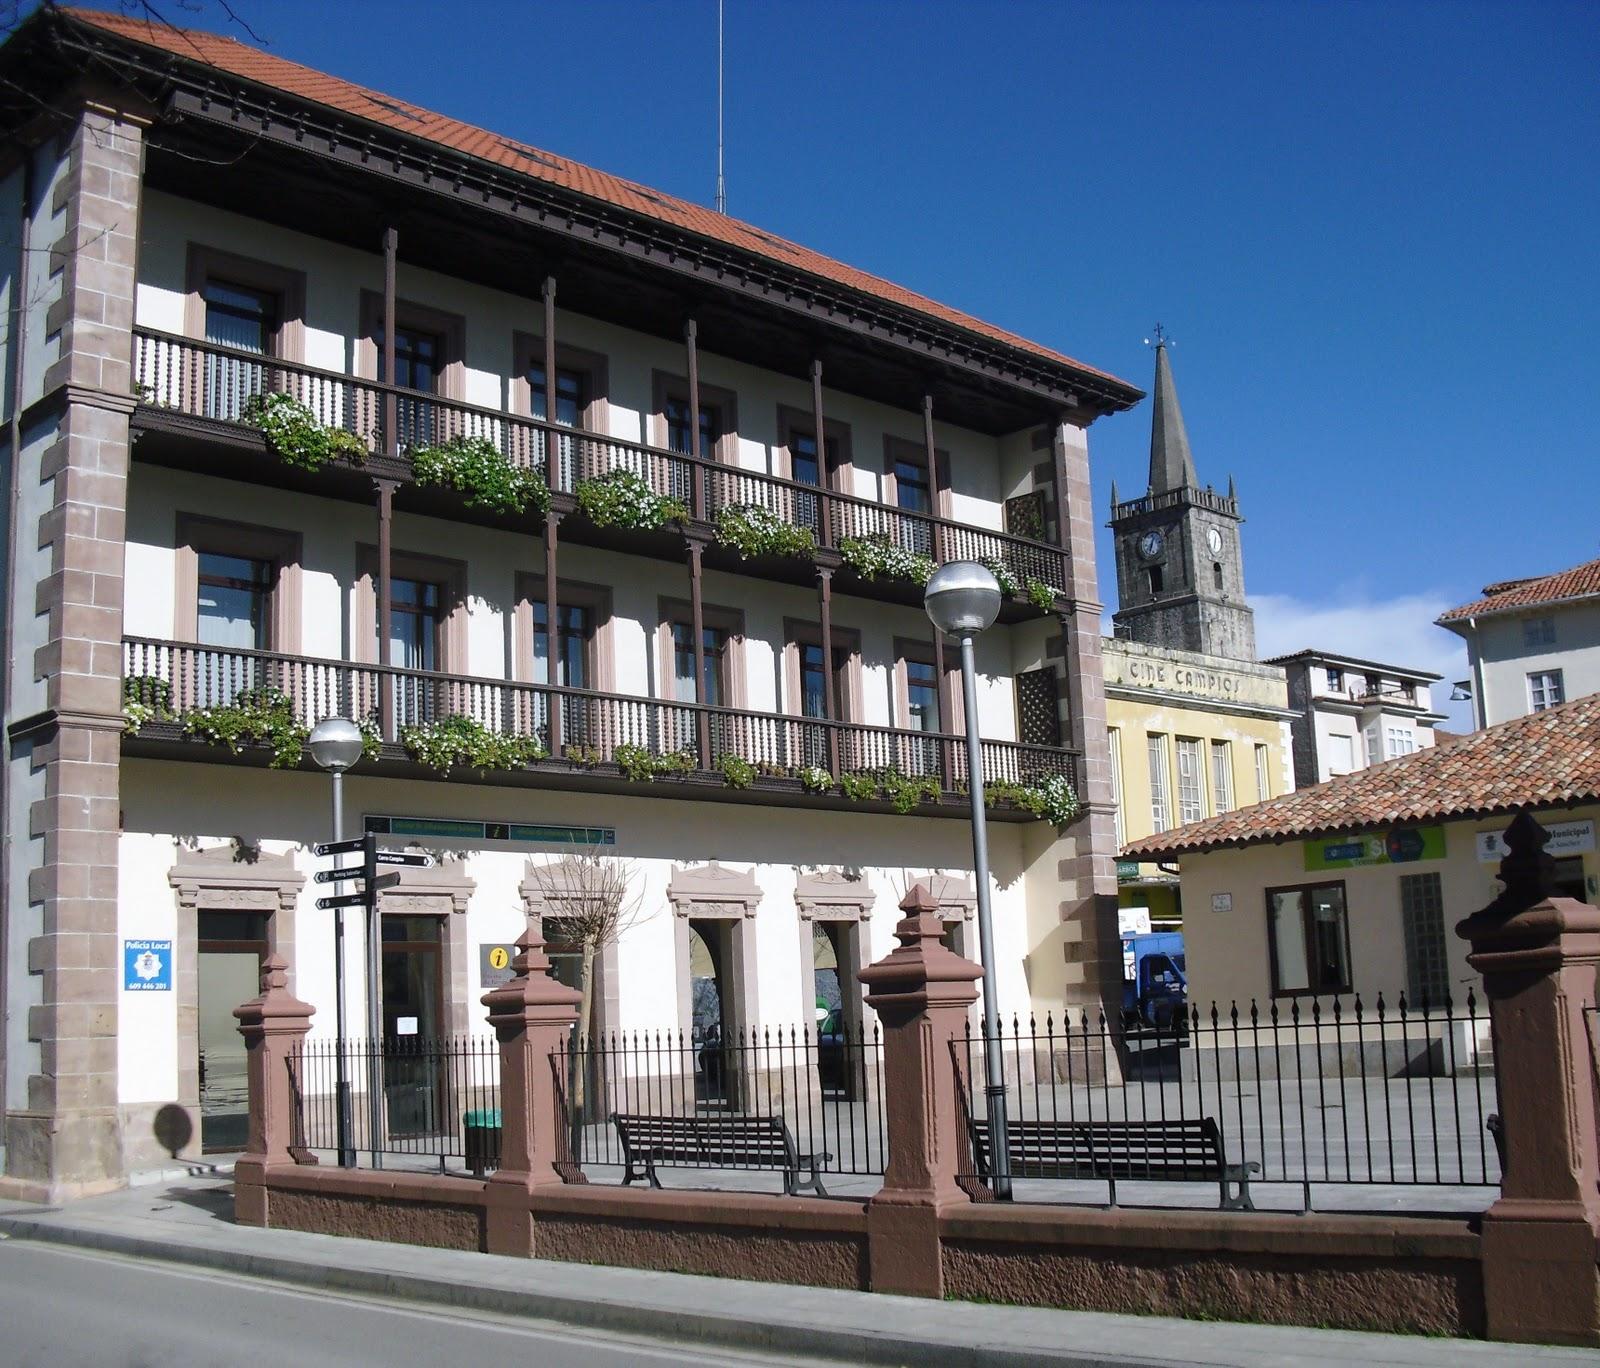 La ciudad habla ayuntamiento nuevo de comillas for Oficina de turismo de comillas